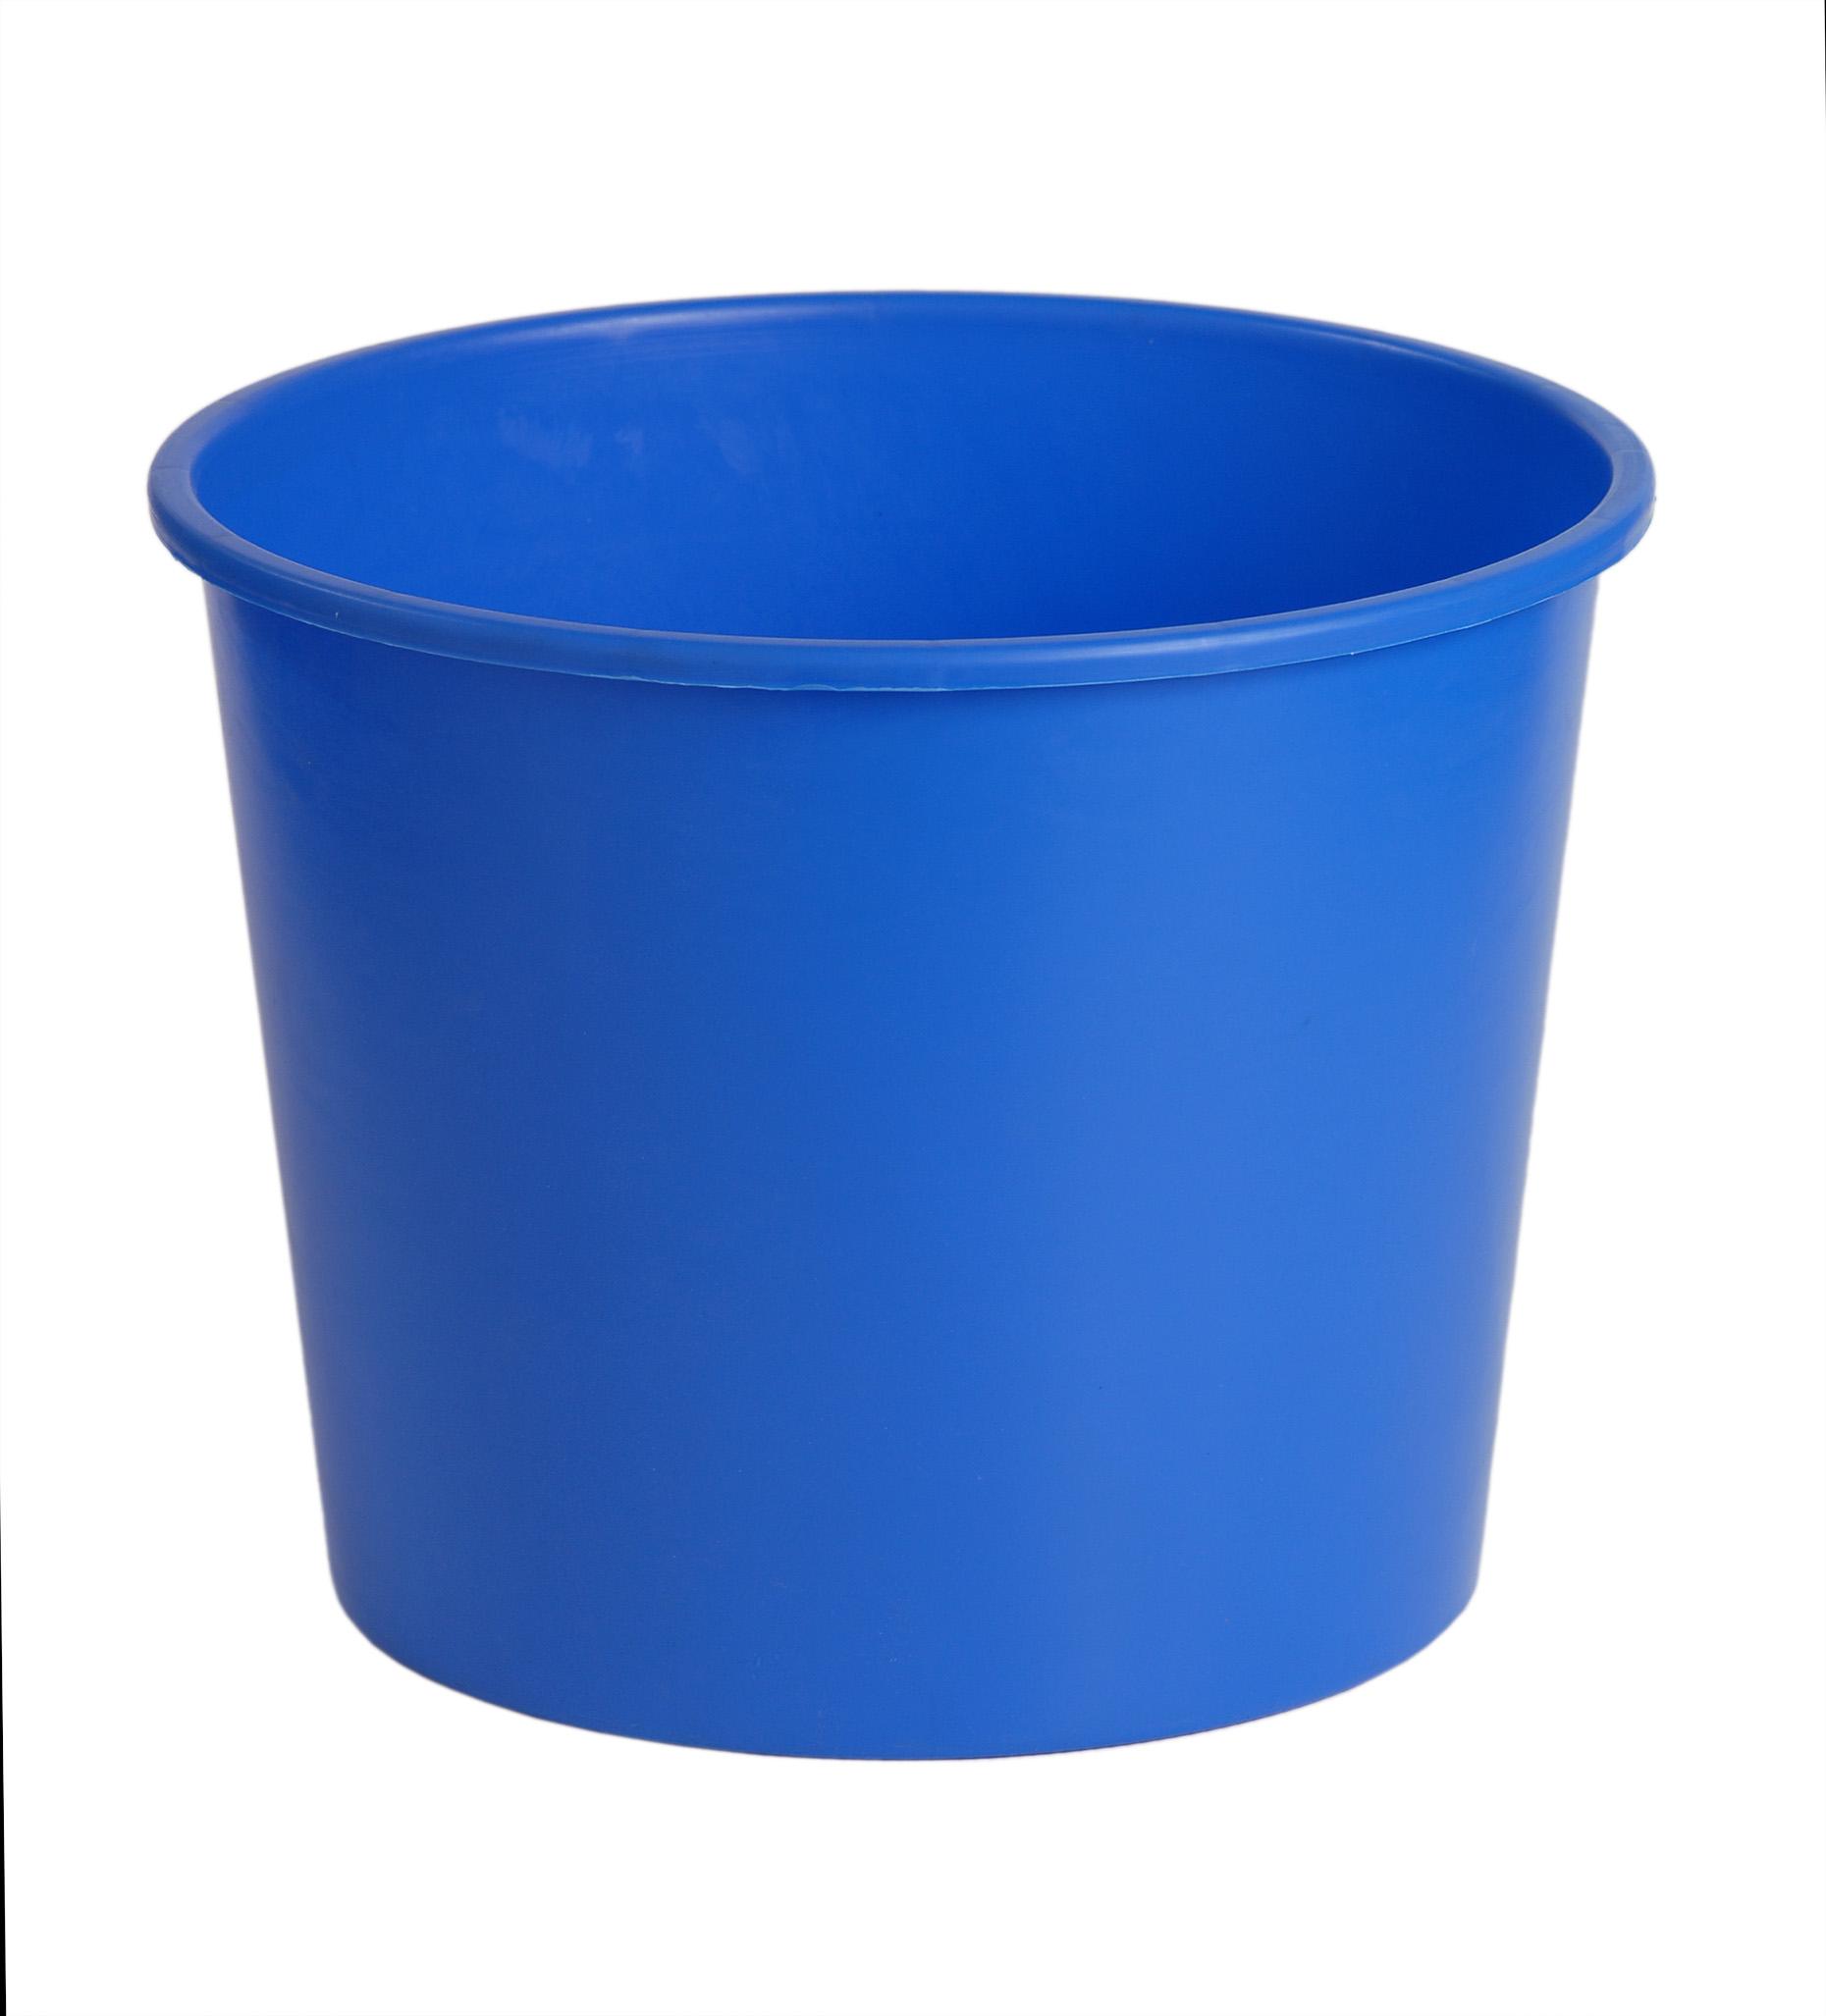 vasi per fiori recisi in plastica come riutilizzare le